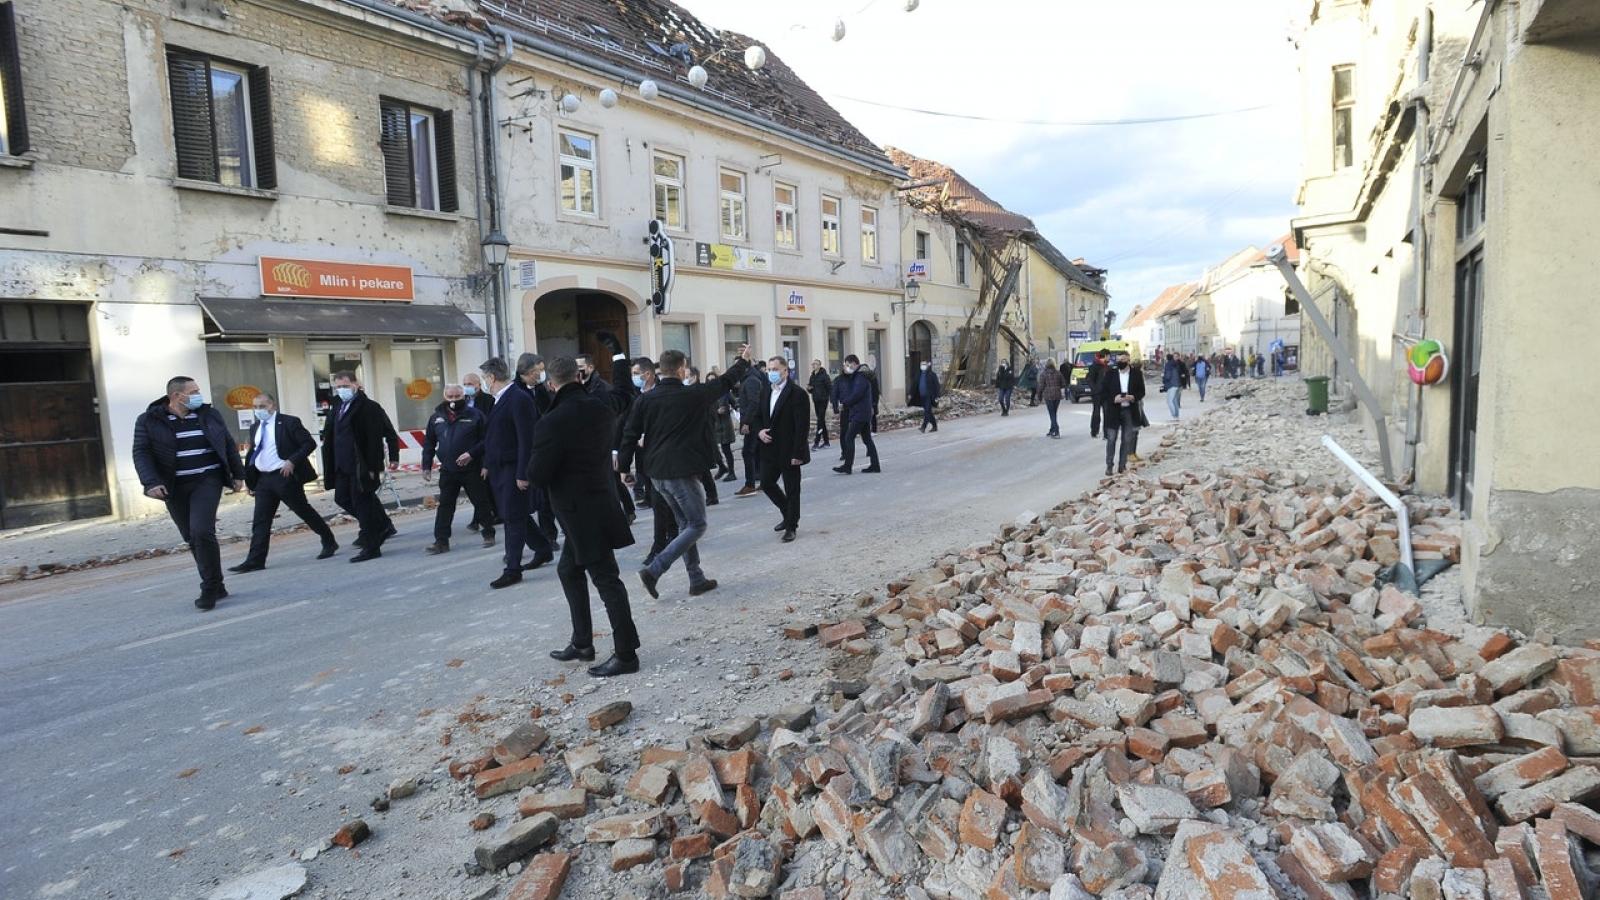 Croatia: Động đất khiến ít nhất 7 người thiệt mạng và hàng chục người khác bị thương